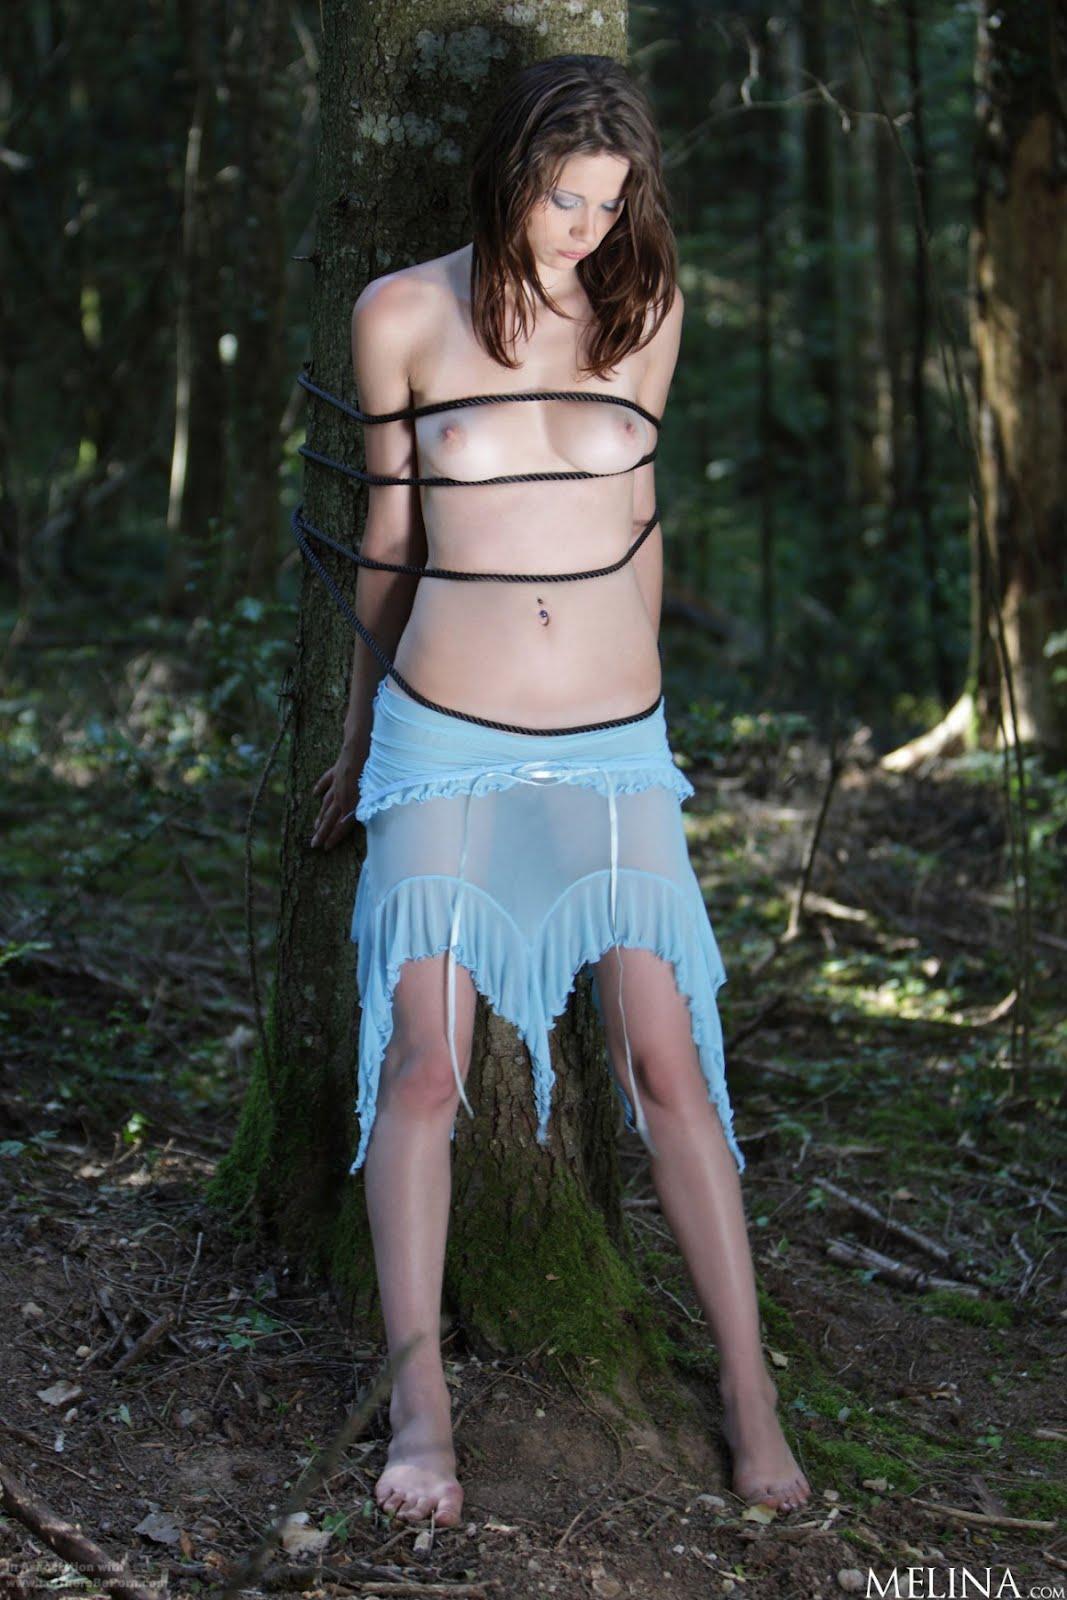 Рабыня в лесу 2 фотография